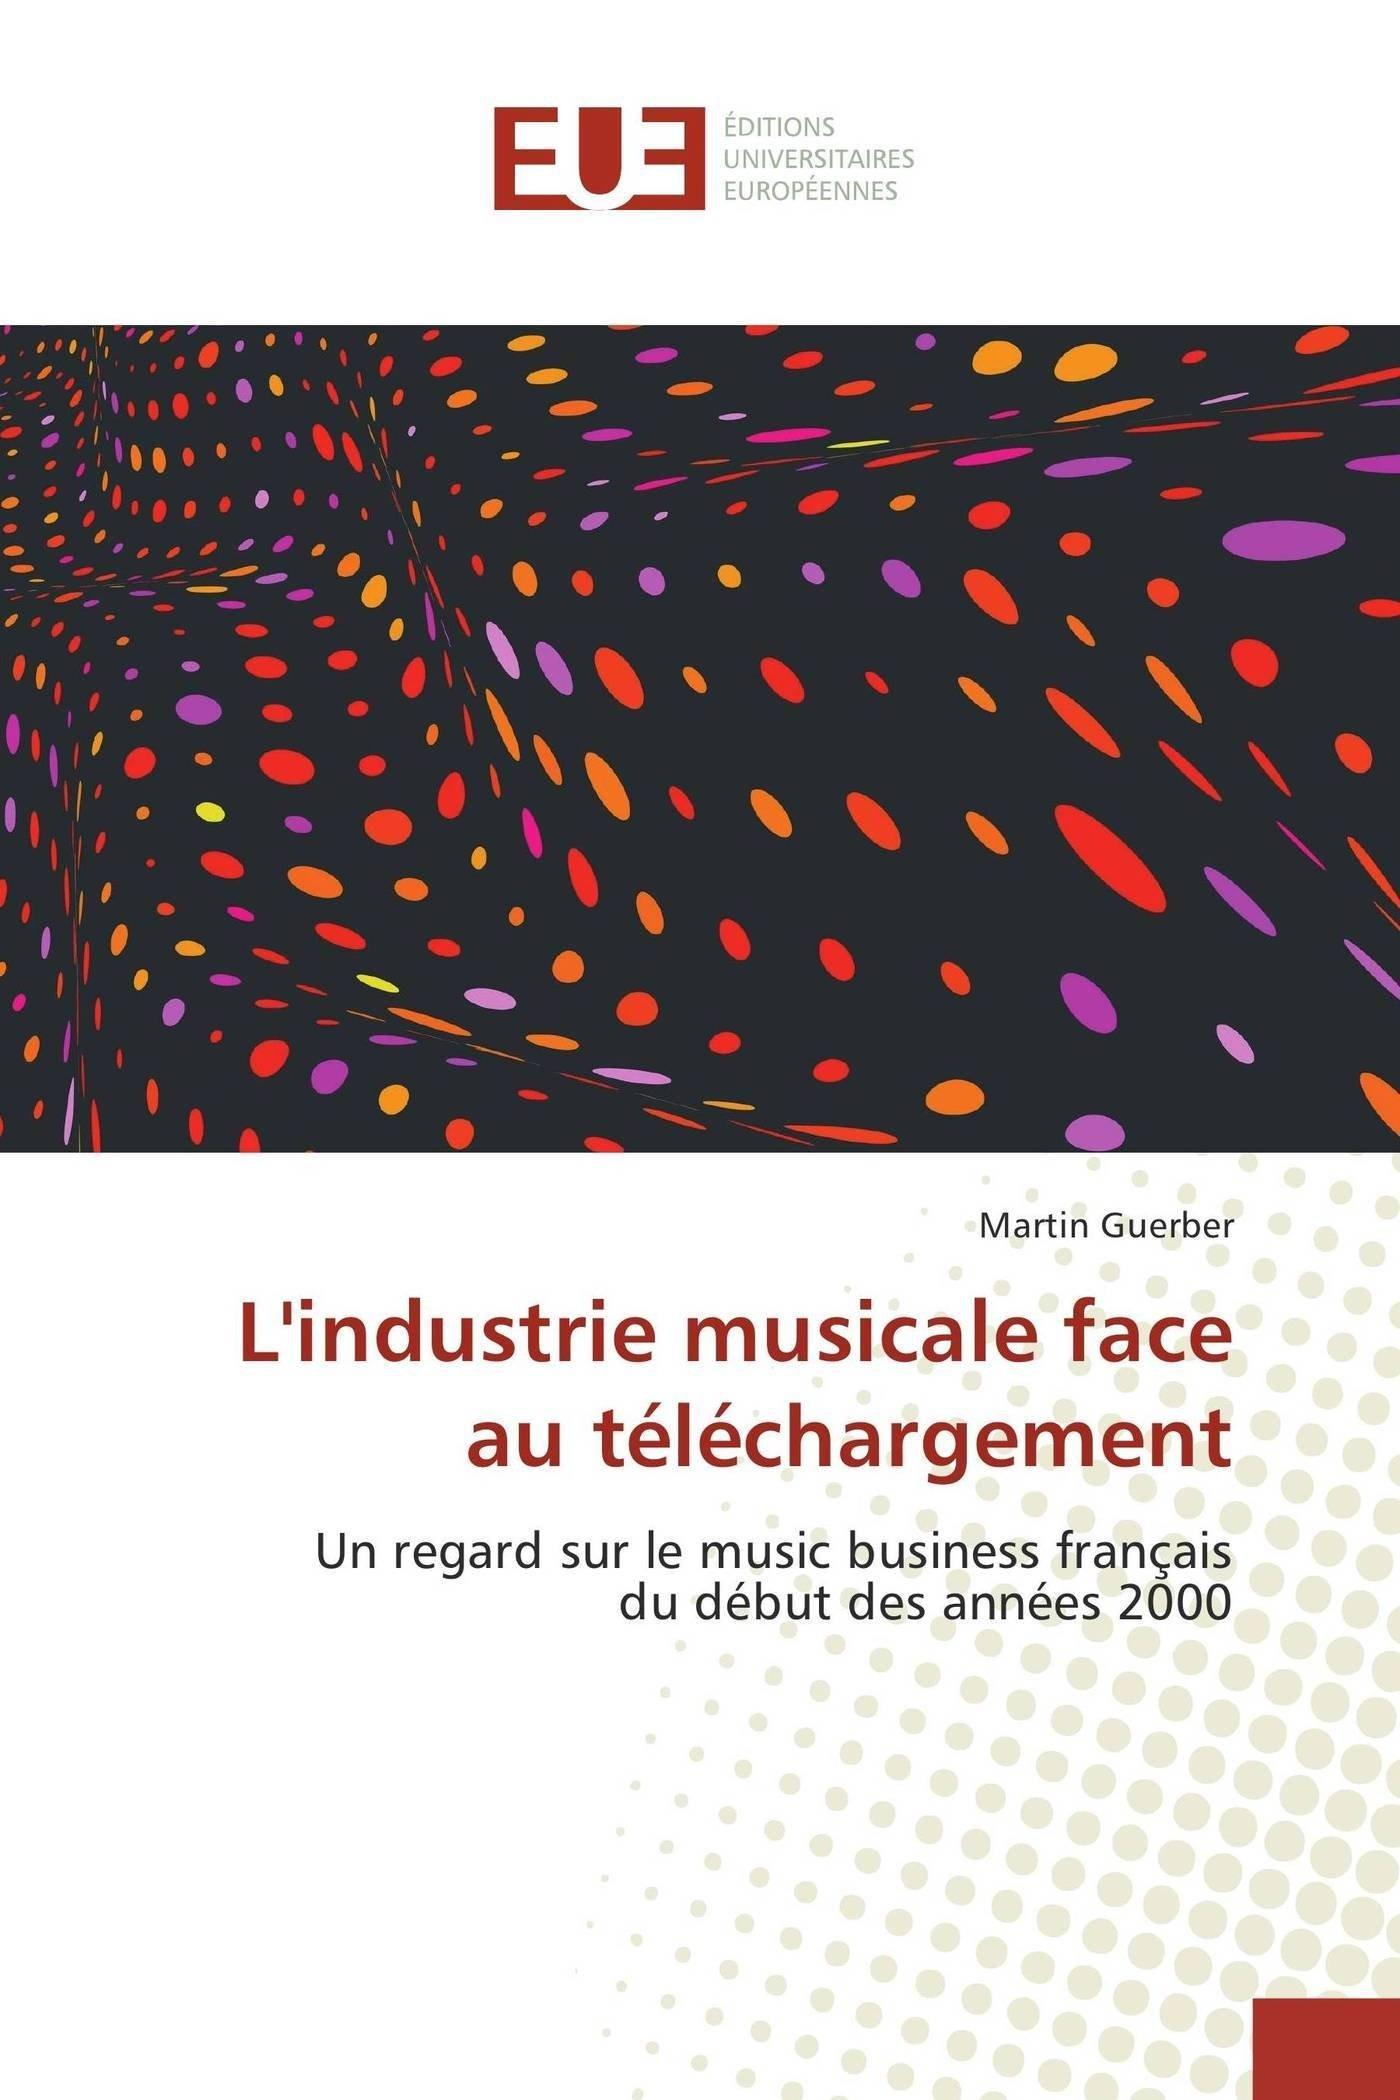 L'industrie musicale face au téléchargement: Un regard sur le music business français du début des années 2000 (French Edition) PDF